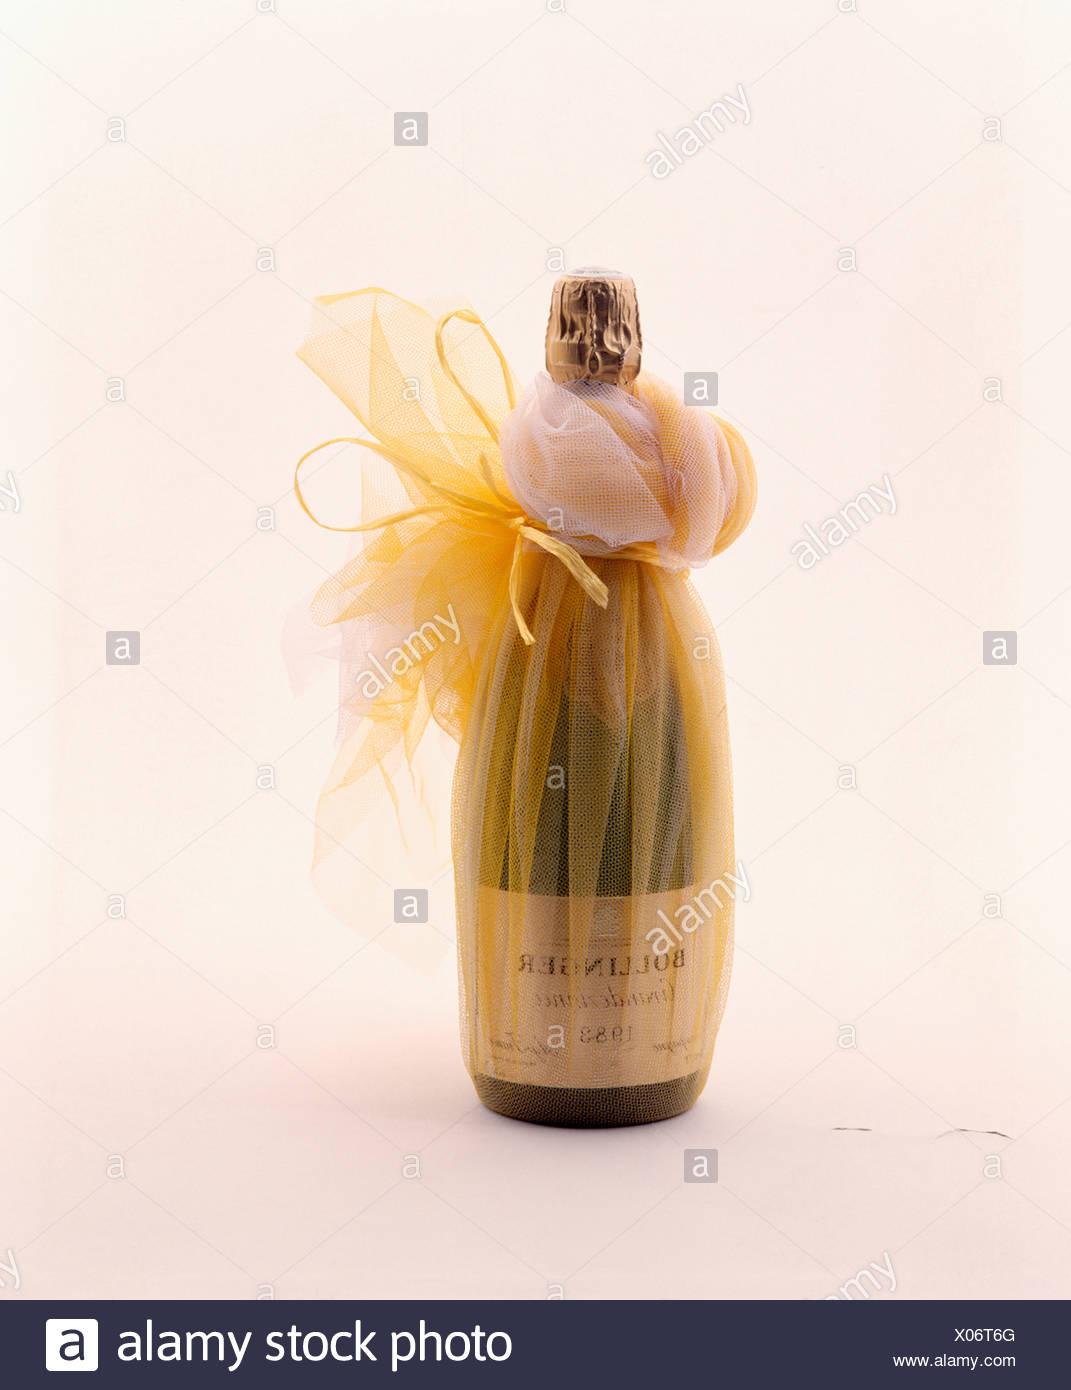 Häufig Nahaufnahme der Flasche Champagner mit gold Voile für Weihnachten ZG77